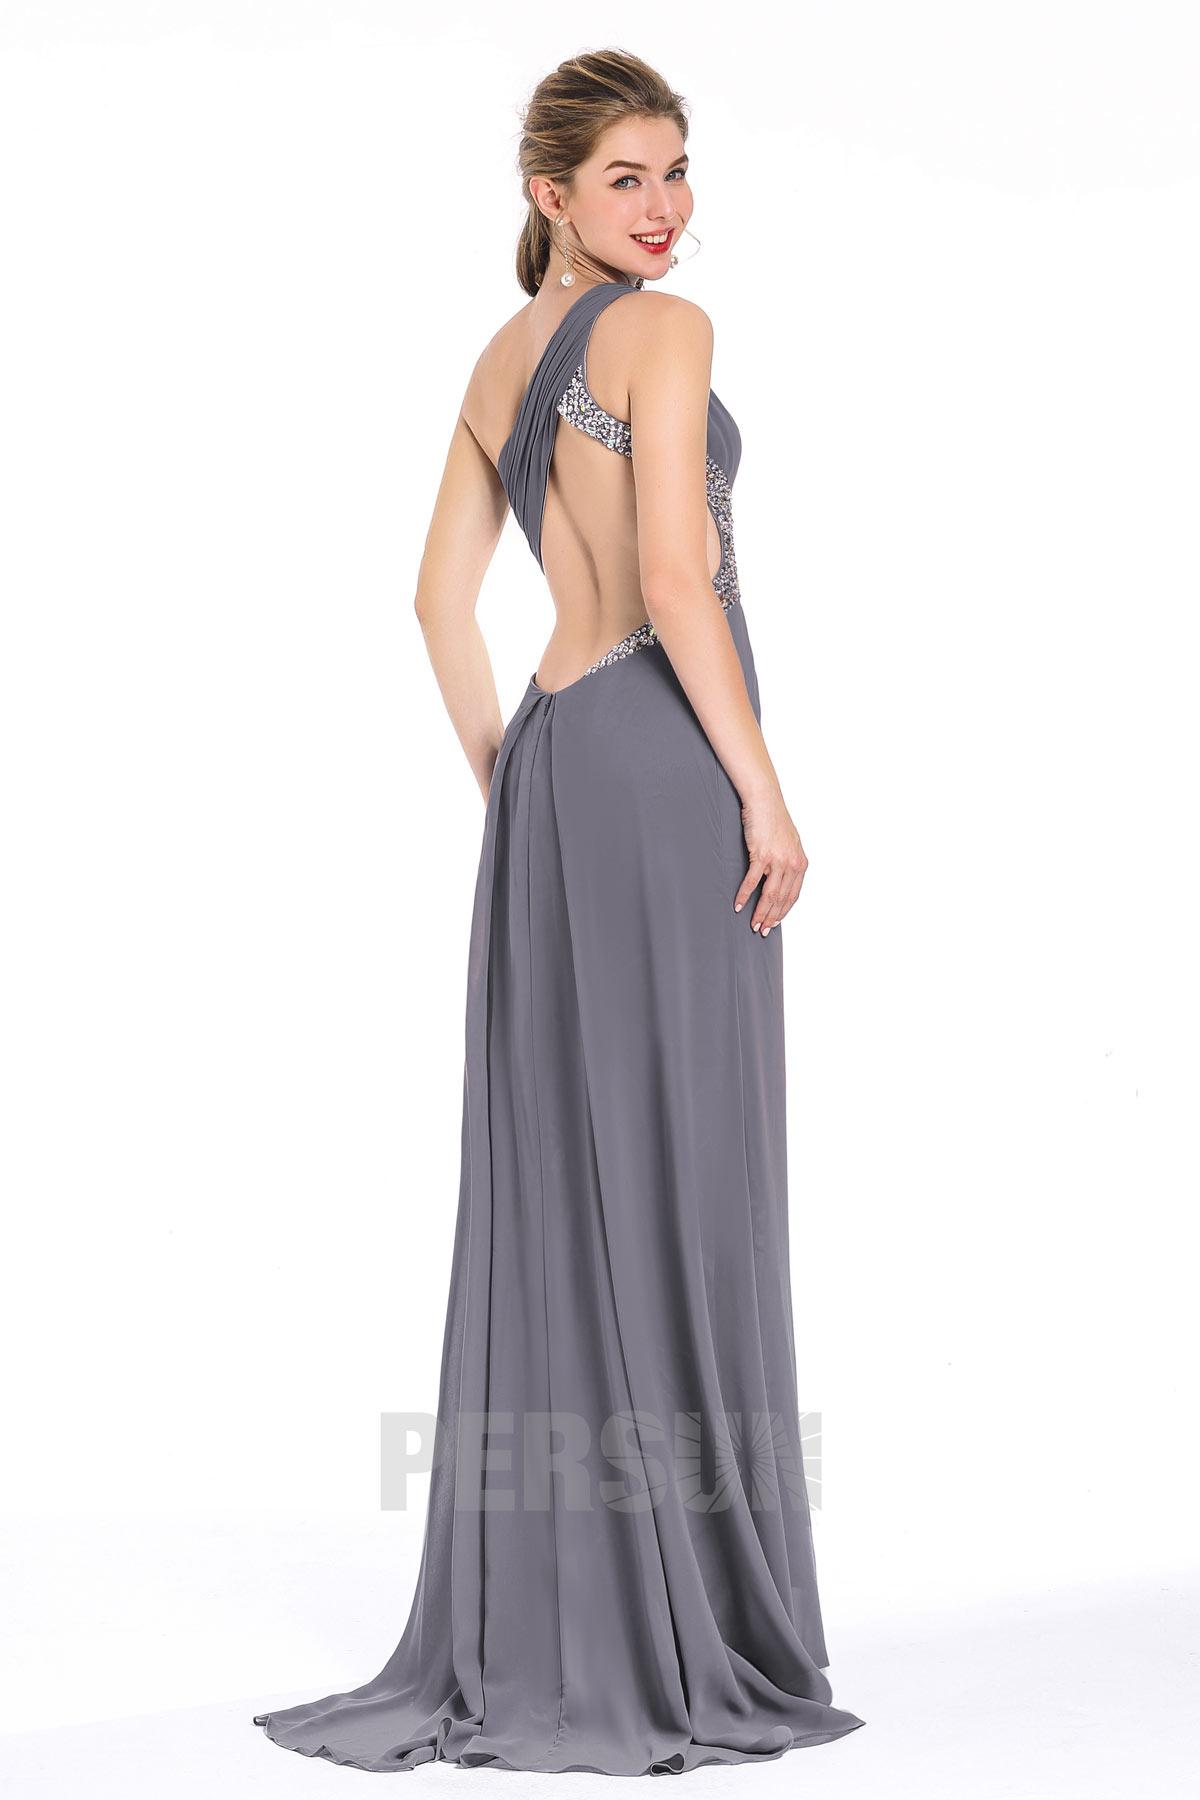 Robe de soirée / bal asymétrique à dos ajouré en Mousseline gris fer petite traîne